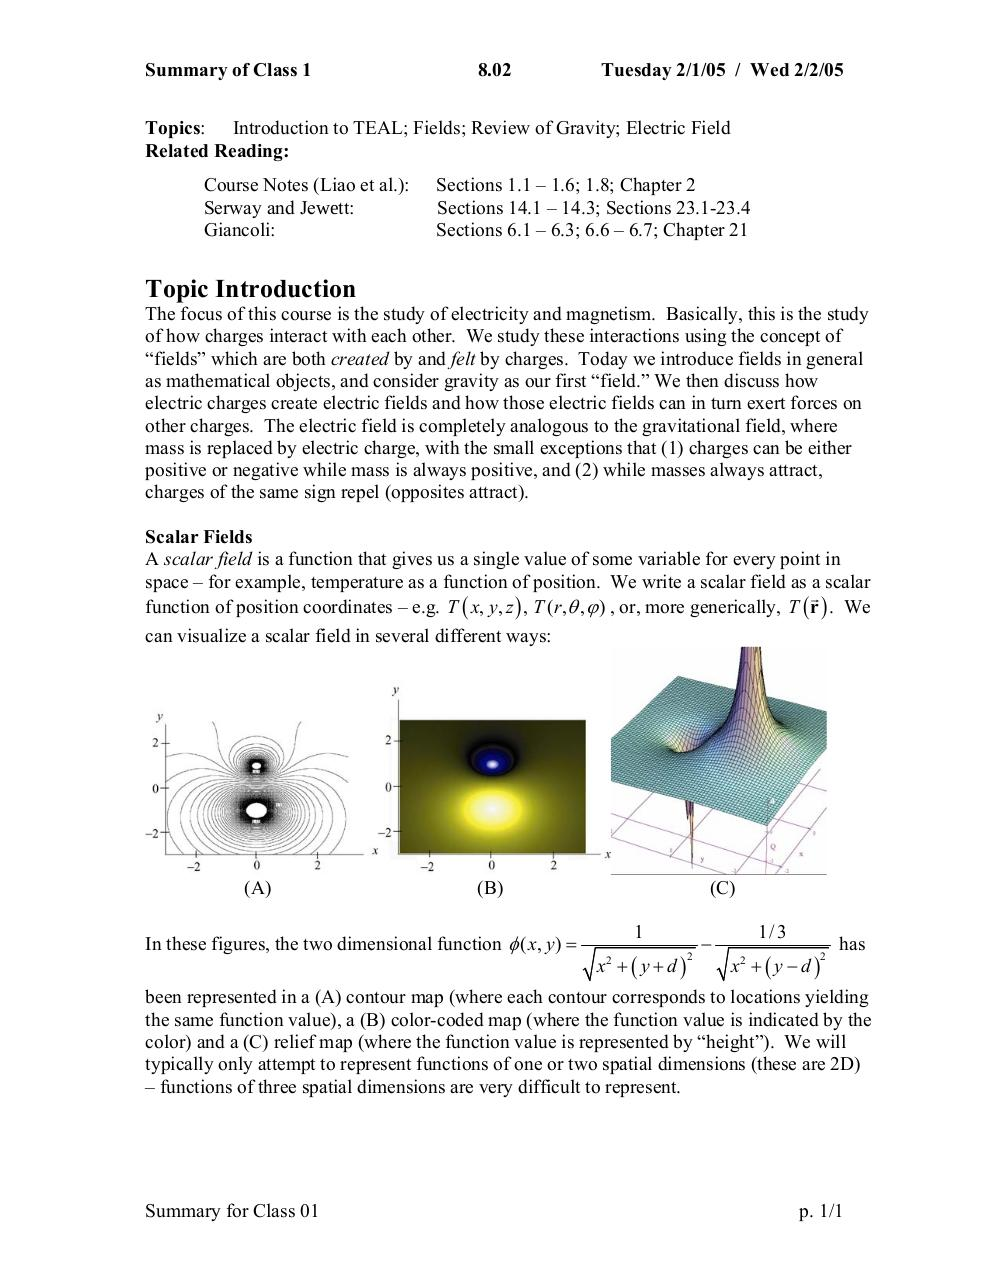 Summary W01D1 doc par cc rrose - Study Materials for MIT Course